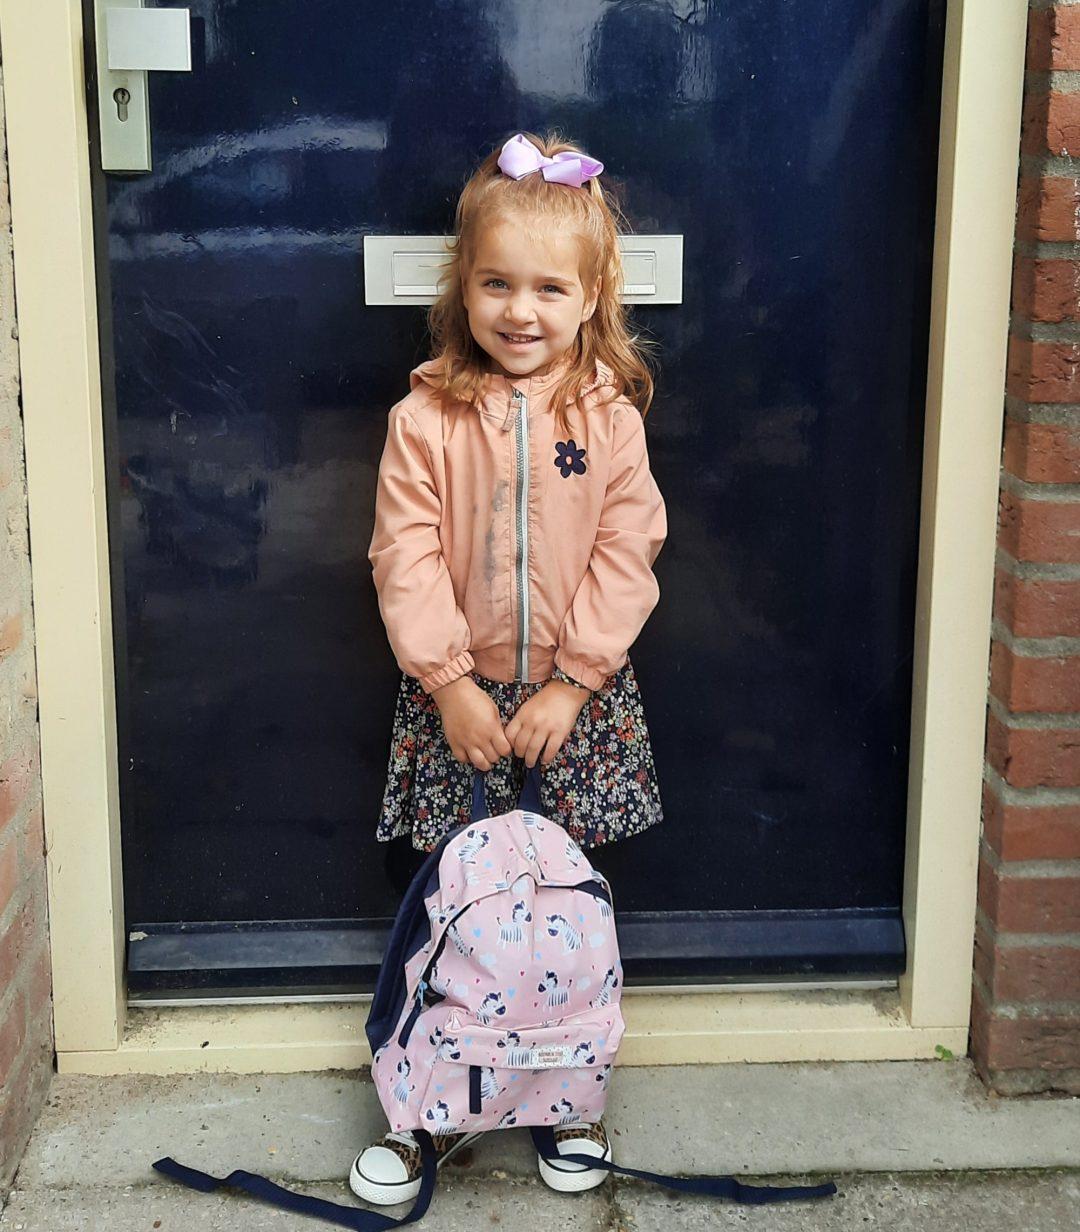 de eerste keer school kinderdagverblijf nieuwe baan werkdag blog dochter zoon kleuter dreumes mama